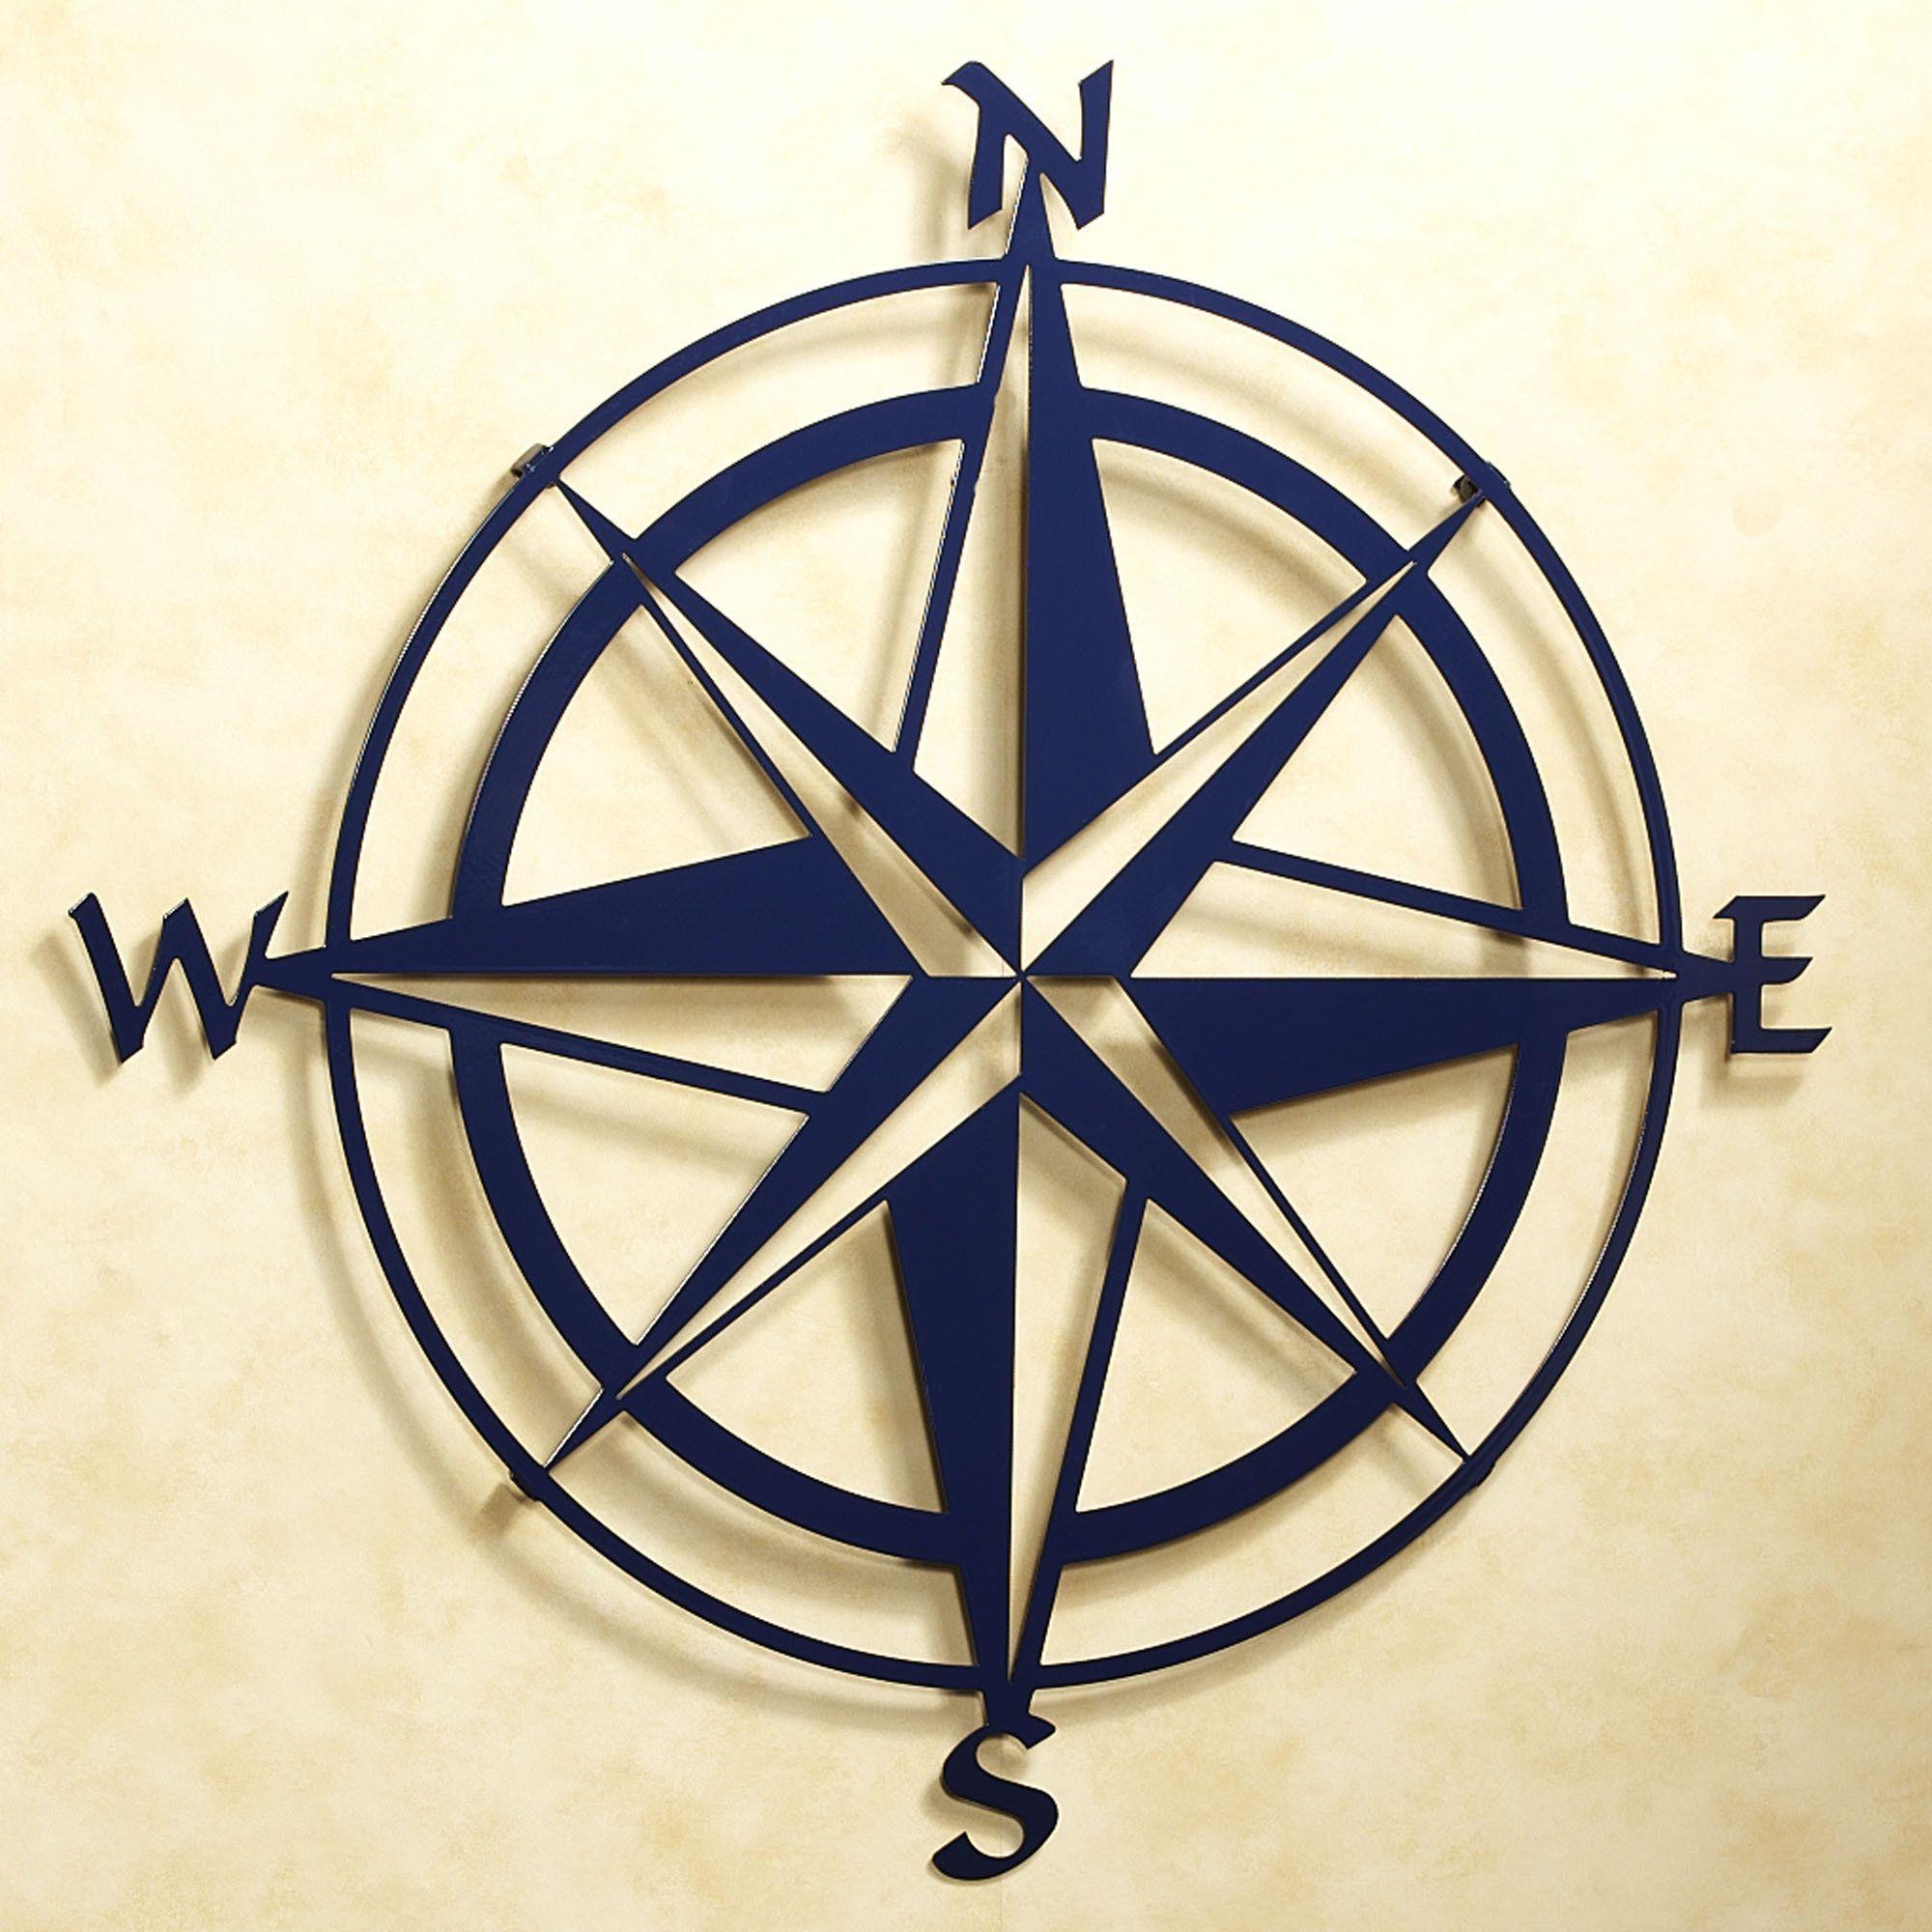 Compass Rose Indoor Outdoor Metal Wall Art | Compass Roses in Outdoor Metal Wall Compass (Image 10 of 30)